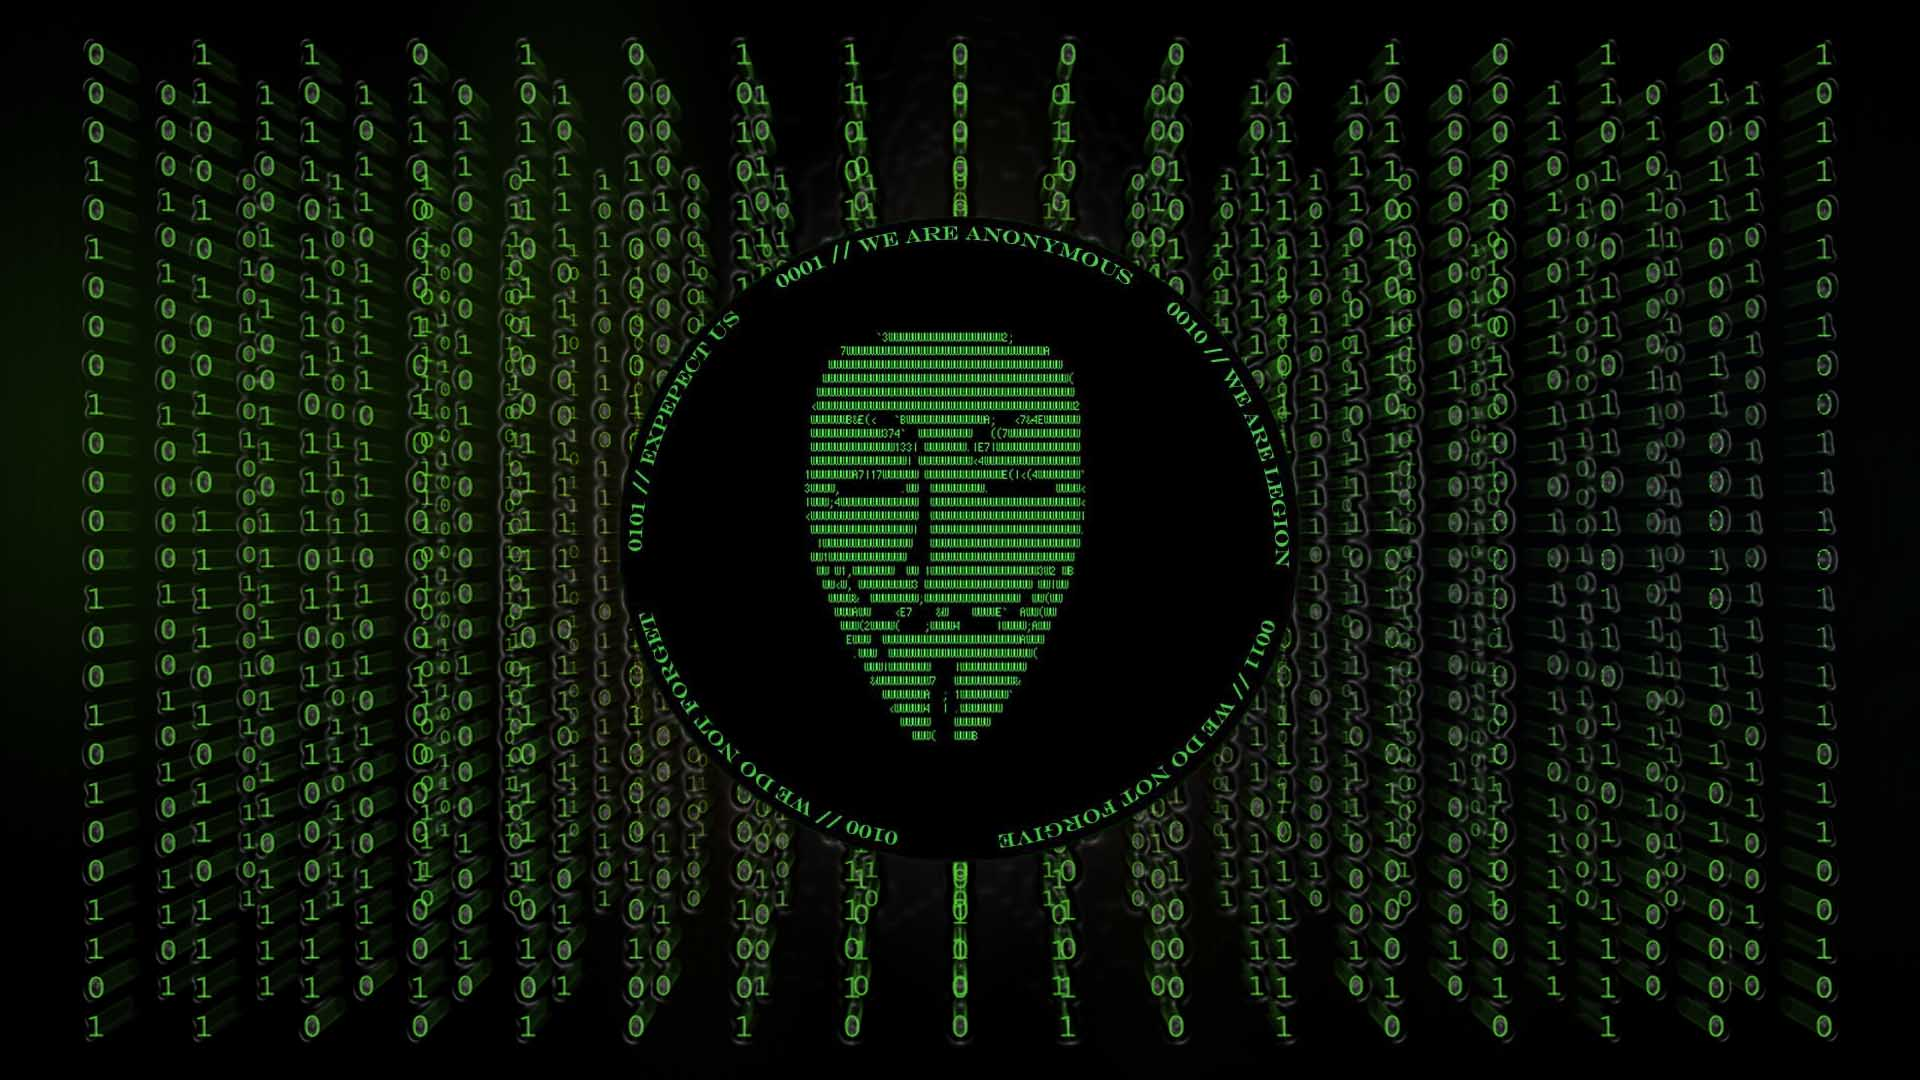 Το ΥΠΕΞ επιβεβαιώνει την υποκλοπή εγγράφων από τους Anonymous